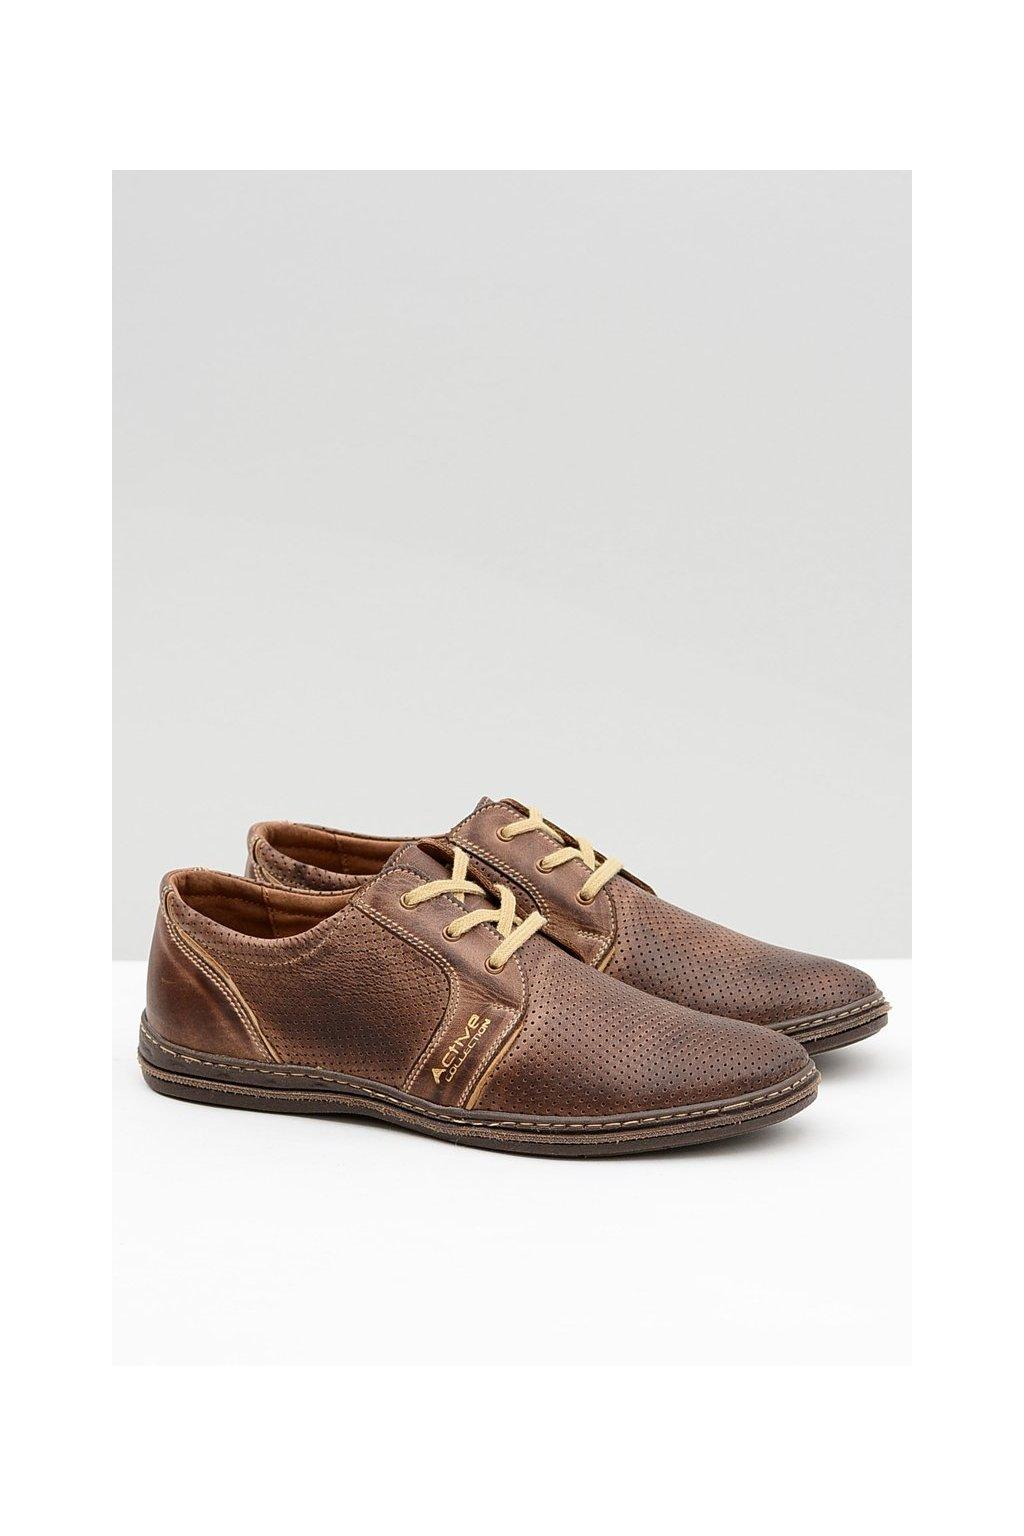 Pánske kožené krajkové hnedé perforované topánky Markos